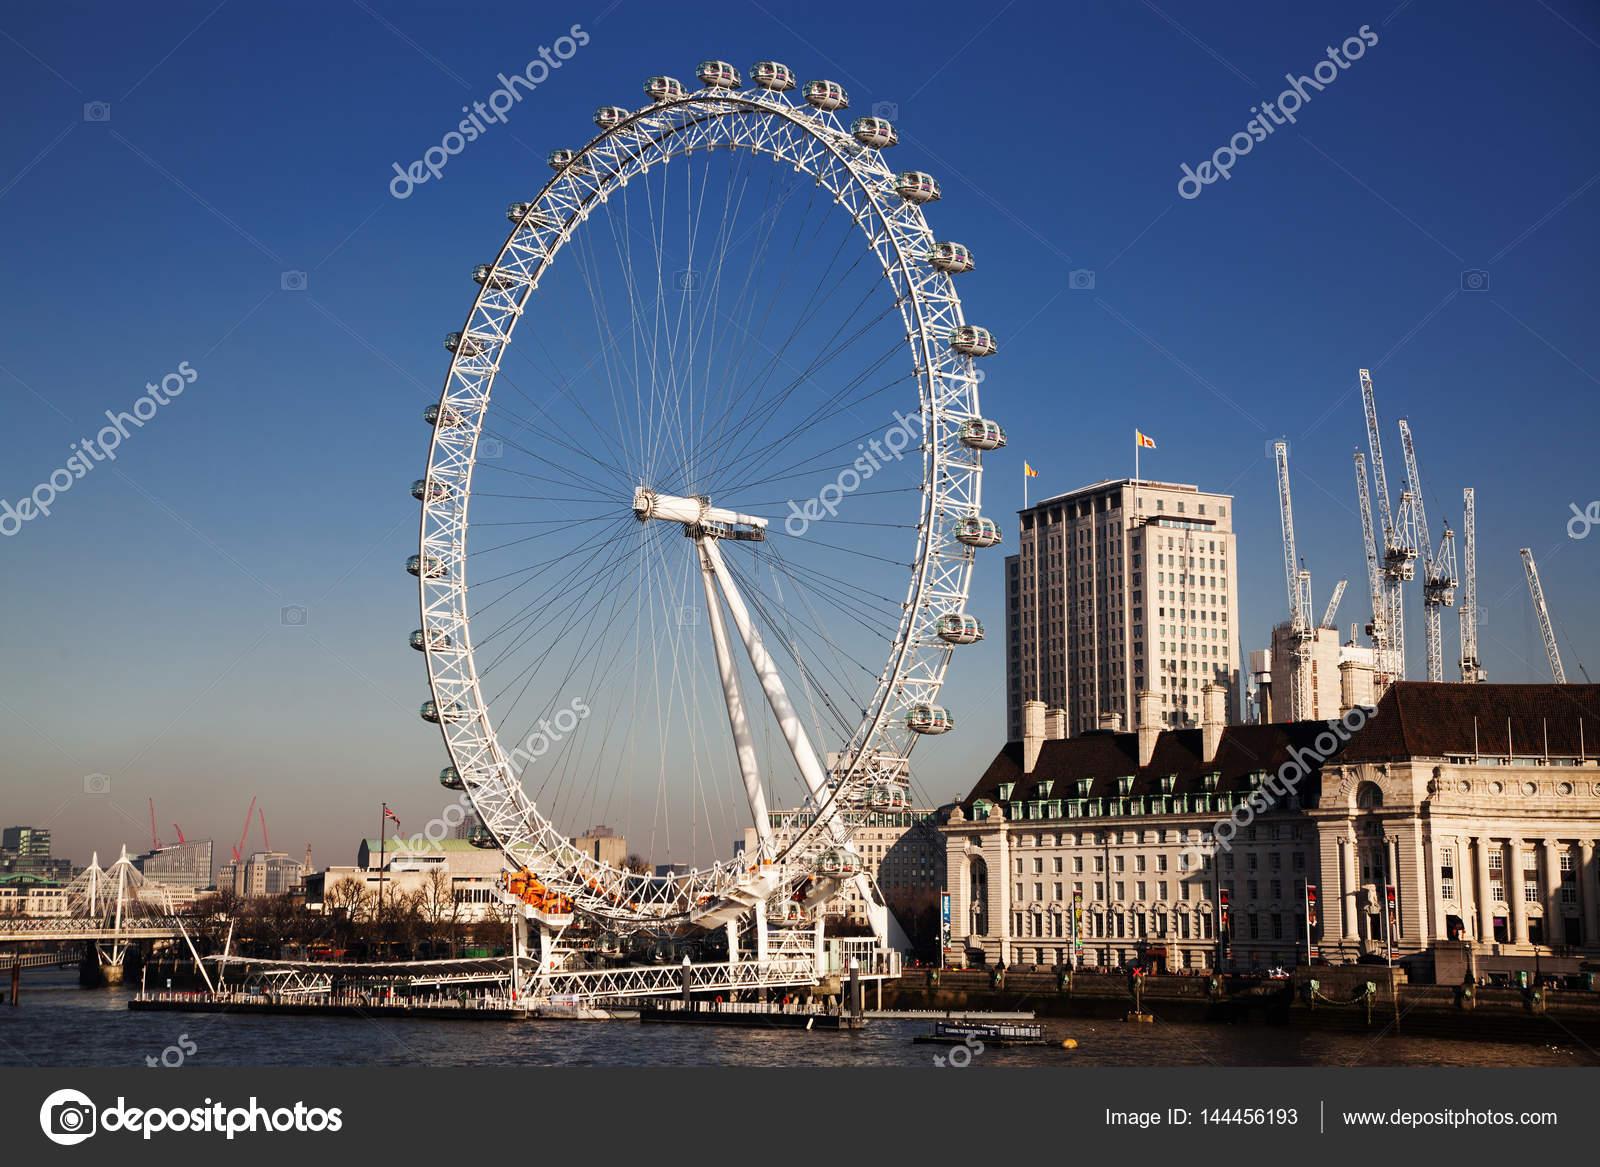 伦敦,英国-2017 年 1 月 26 日︰ edf 能源伦敦眼,英国泰晤士河畔